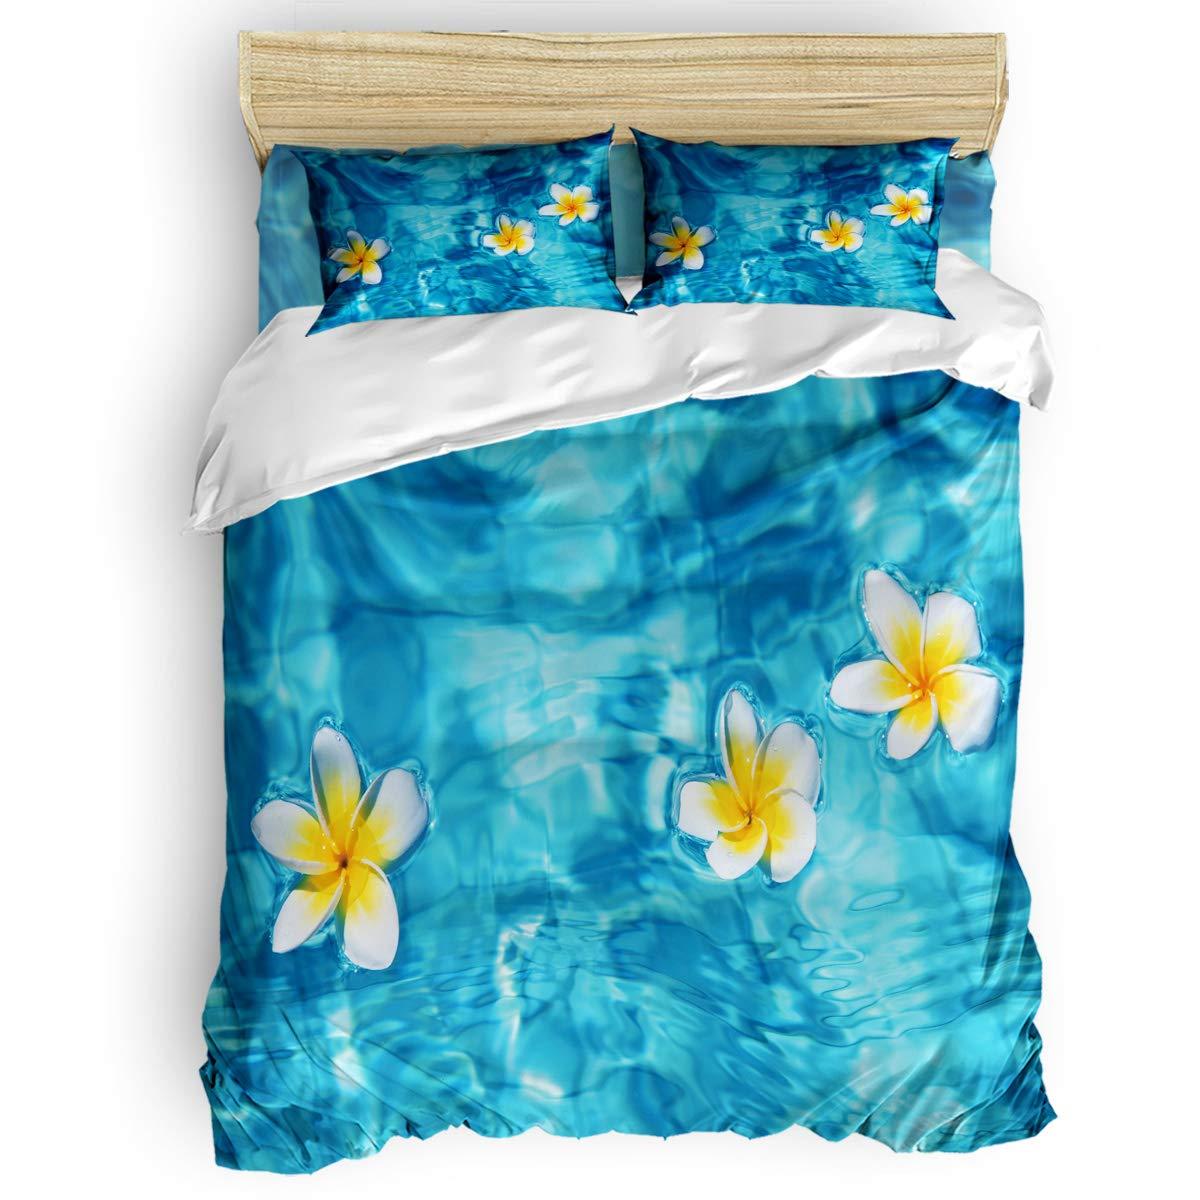 掛け布団カバー 4点セット ビーチ ココナッツの木 海景 寝具カバーセット ベッド用 べッドシーツ 枕カバー 洋式 和式兼用 布団カバー 肌に優しい 羽毛布団セット 100%ポリエステル キング B07THB56HS floatflowerLAS1517 キング